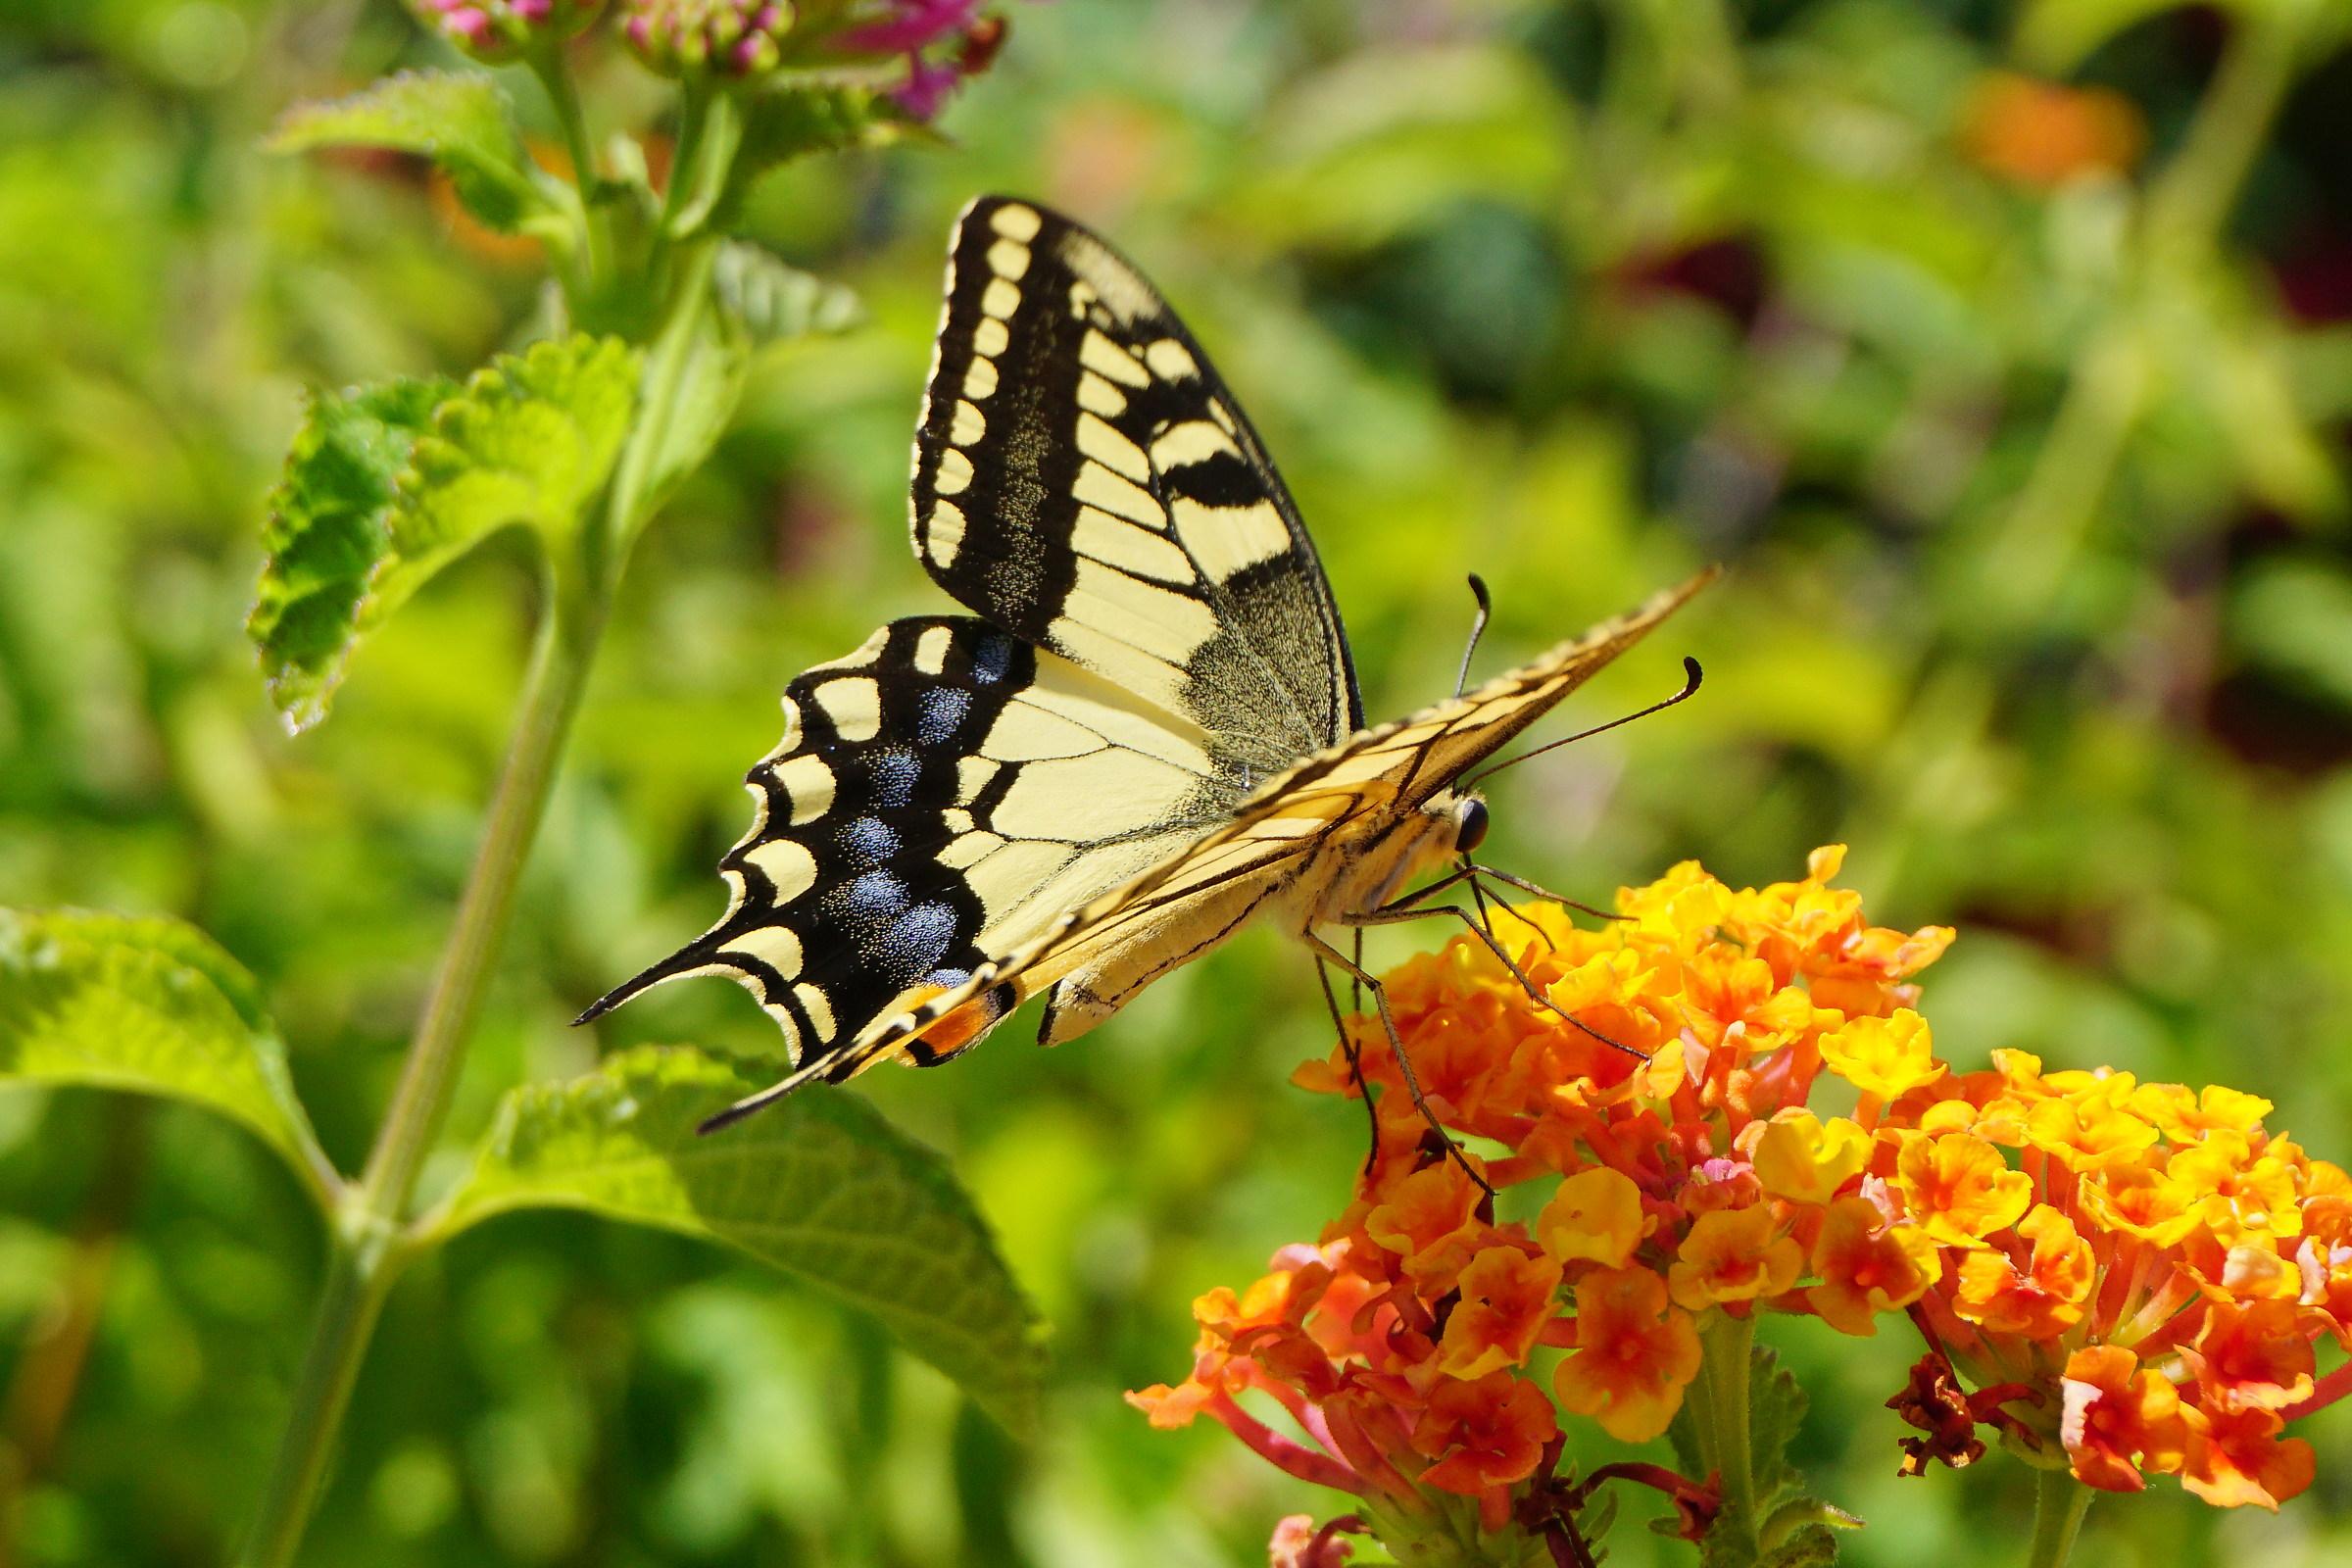 Still butterflies...